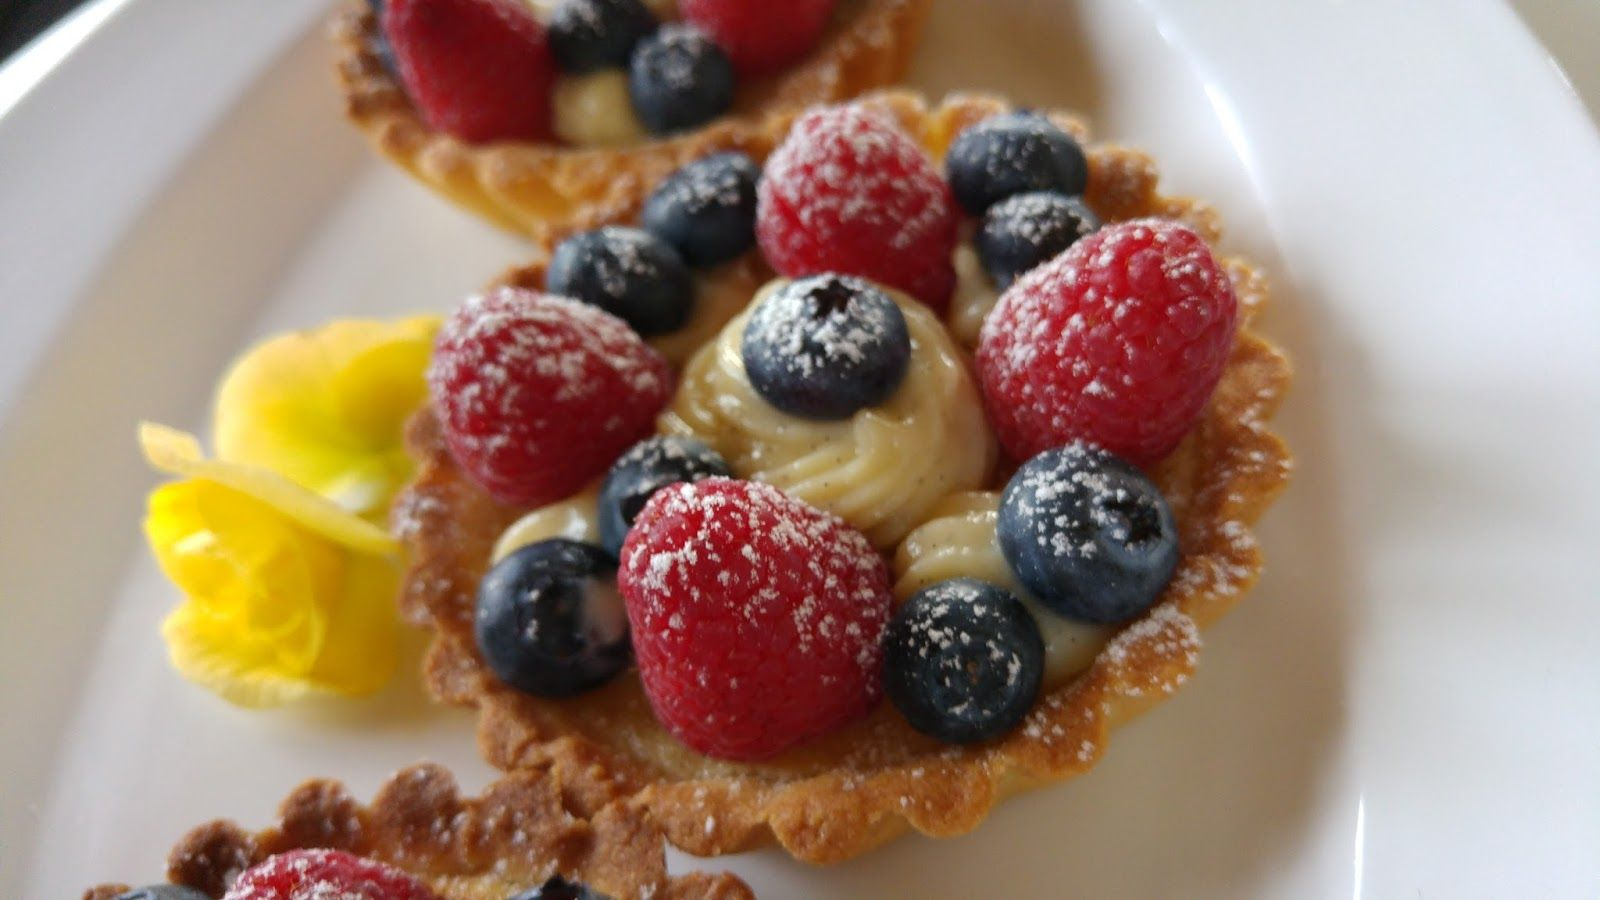 Terter med frangipane, vaniljekrem, bringebær og jordbær     Her kommer nok en oppskrift fra Kakekrigen. Frangipane er en kjempegod man...